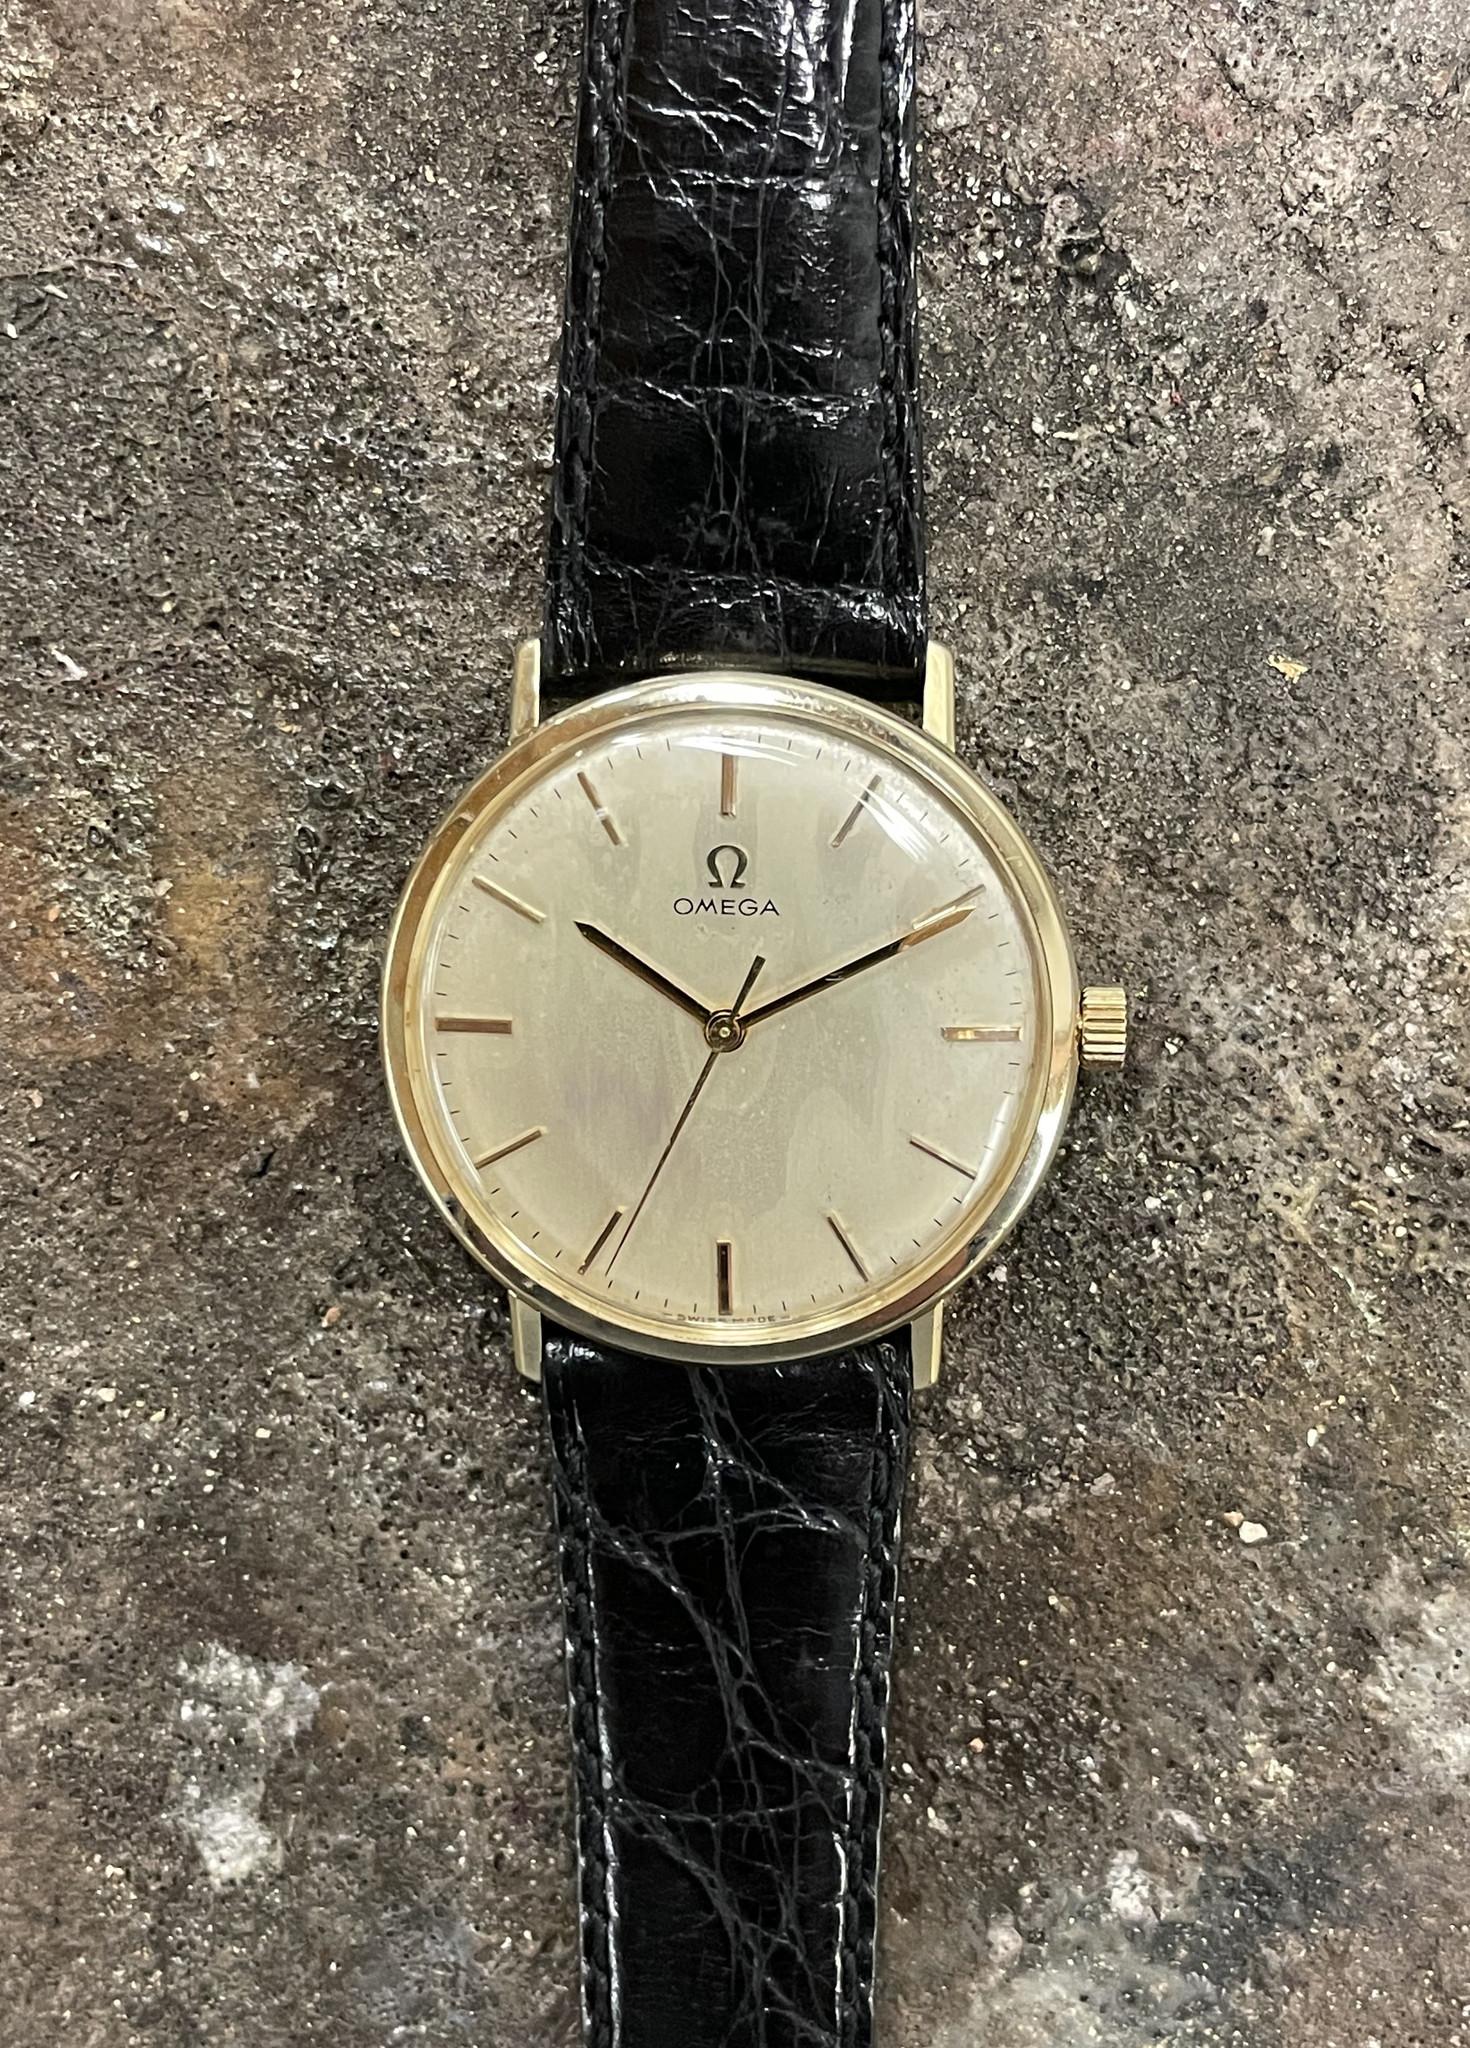 Omega - Horloge Unisex - 131026 - Geelgoud-1